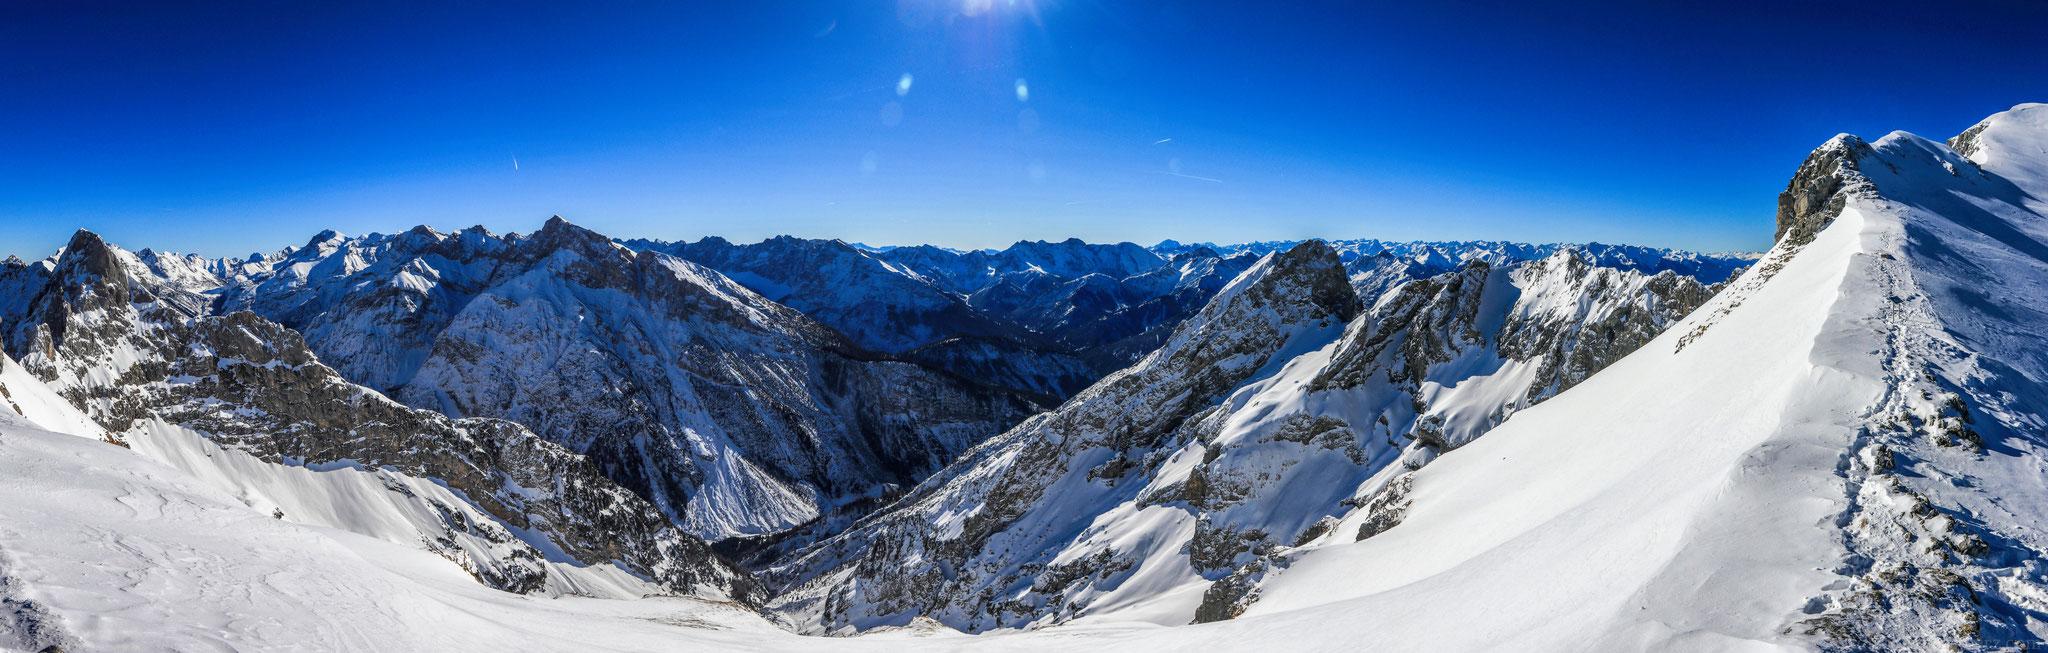 die verschneiten Gipfel der nördlichen Alpen